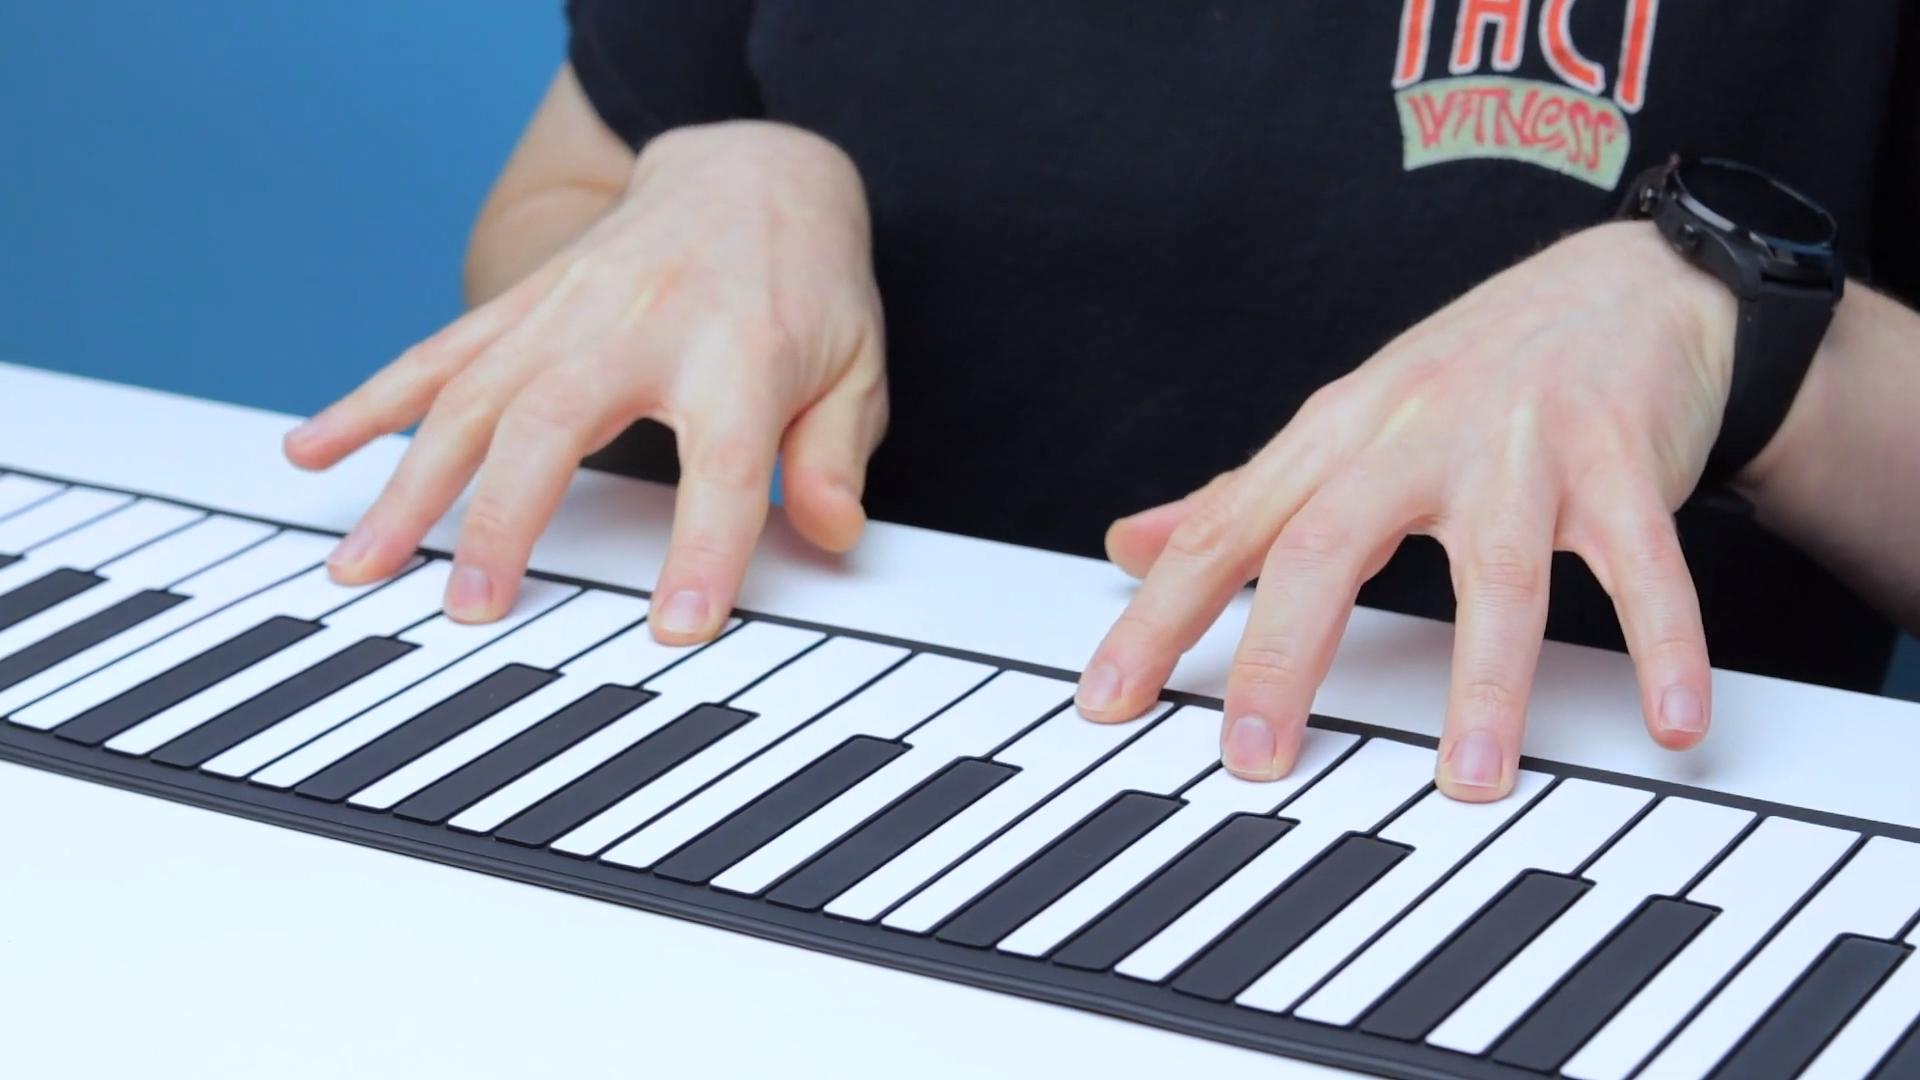 ขายของเล่นเด็กAmazonขายเปียโนไฟฟ้าพร้อมเรือไฟฟ้าเปียโนคีย์บอร์ดเปียโนดิจิตอล